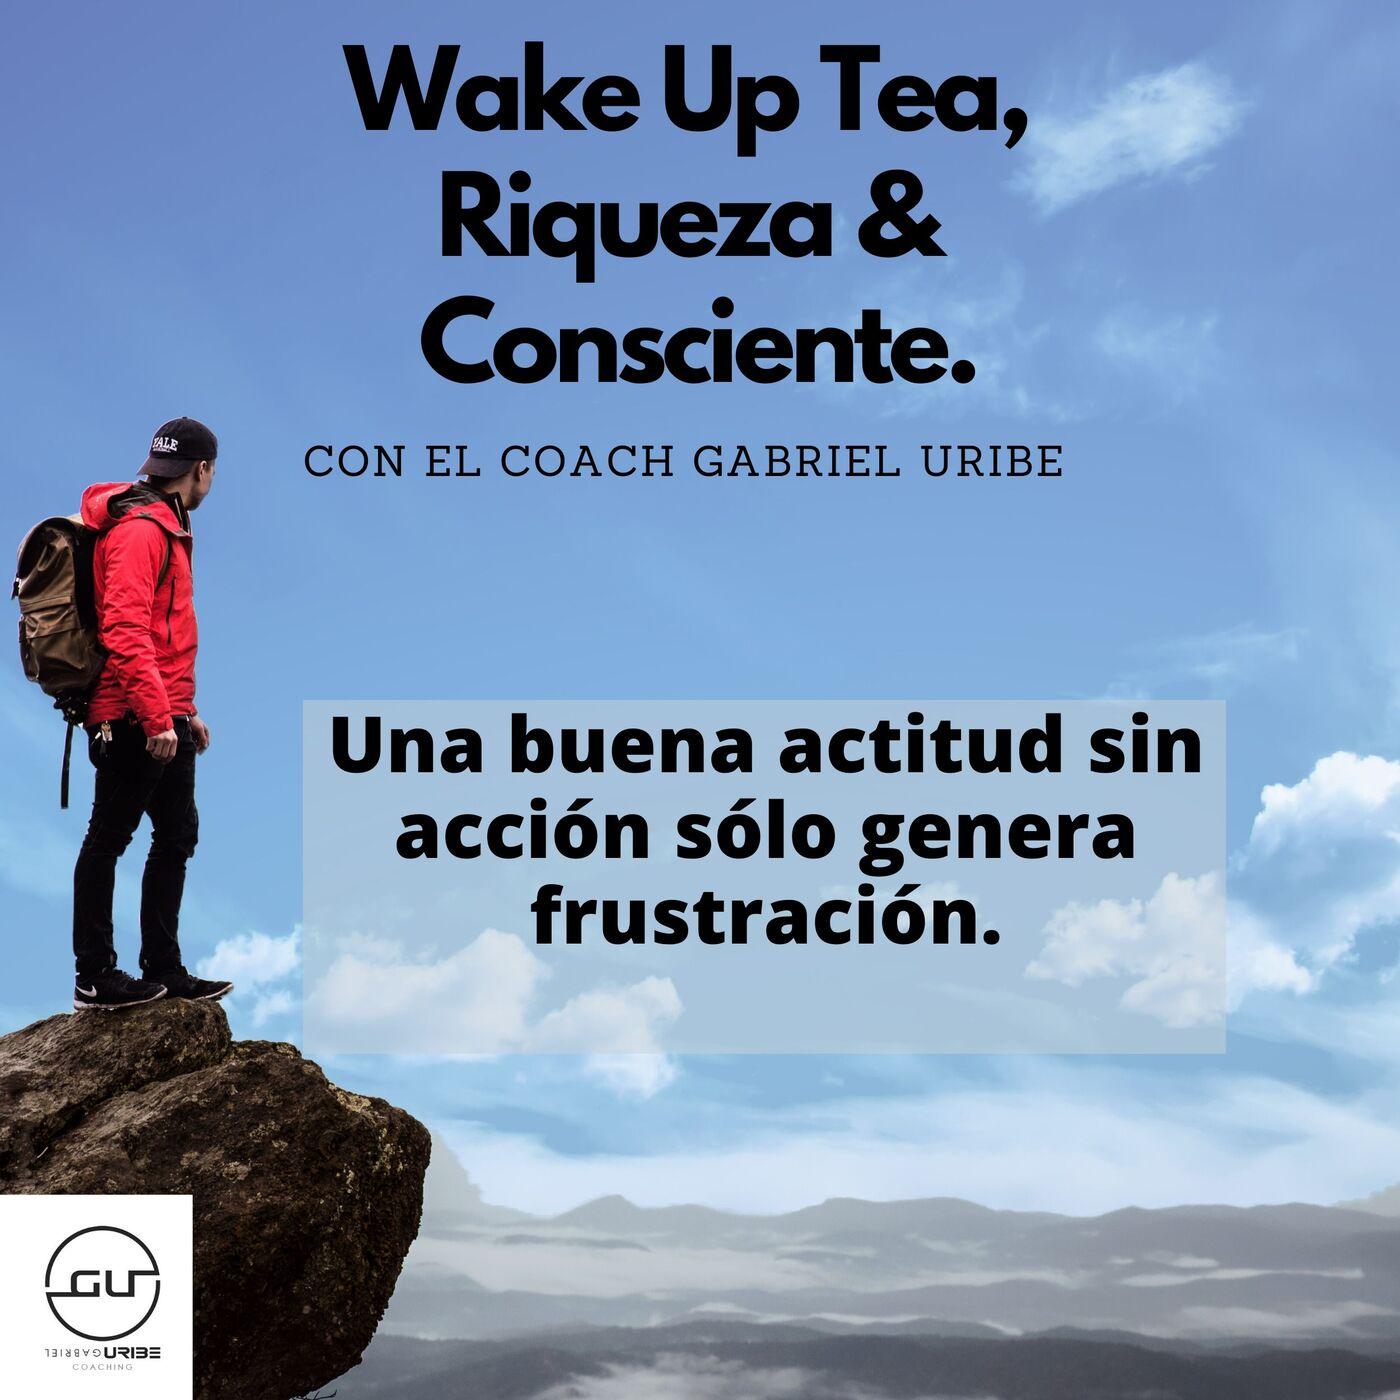 Una buena actitud sin acción sólo genera frustración.